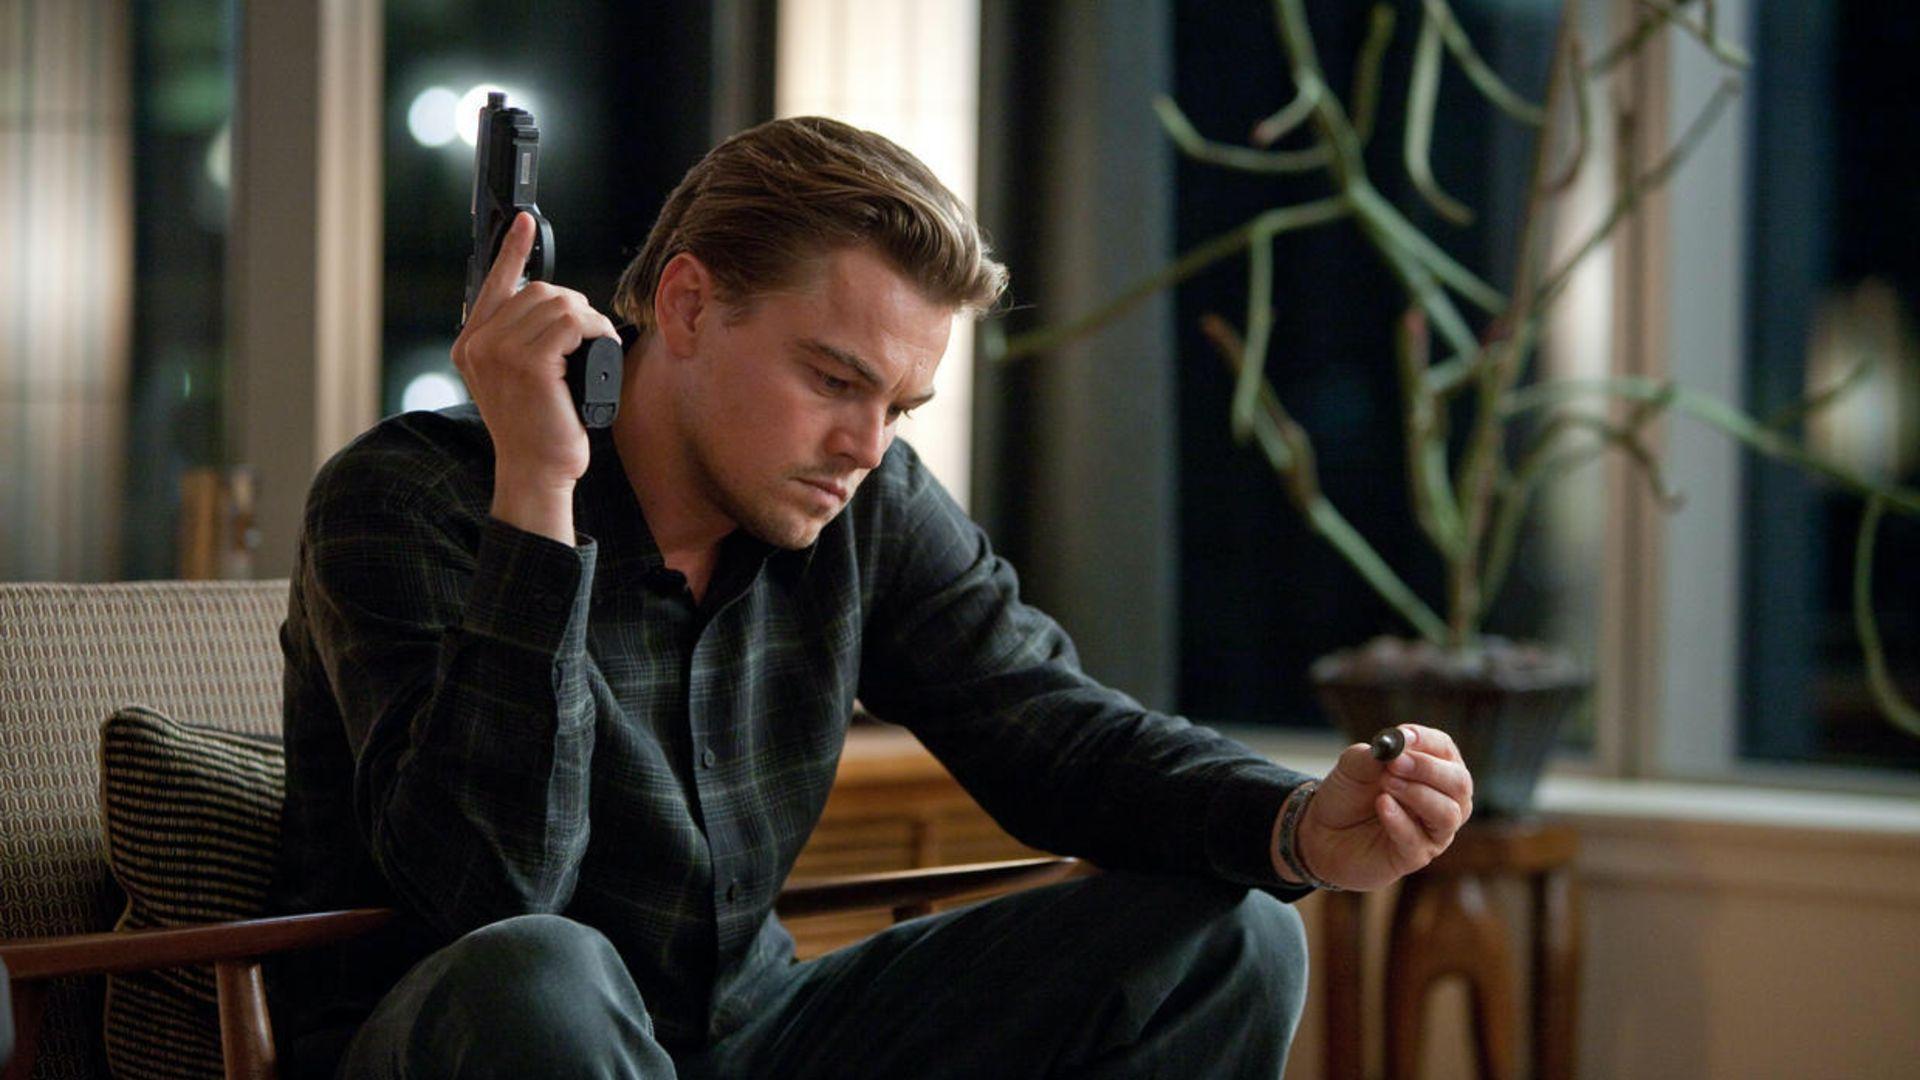 Dom Cobb, interpretado por Leonardo DiCaprio, realiza extracción de ideas en 'Inception'.